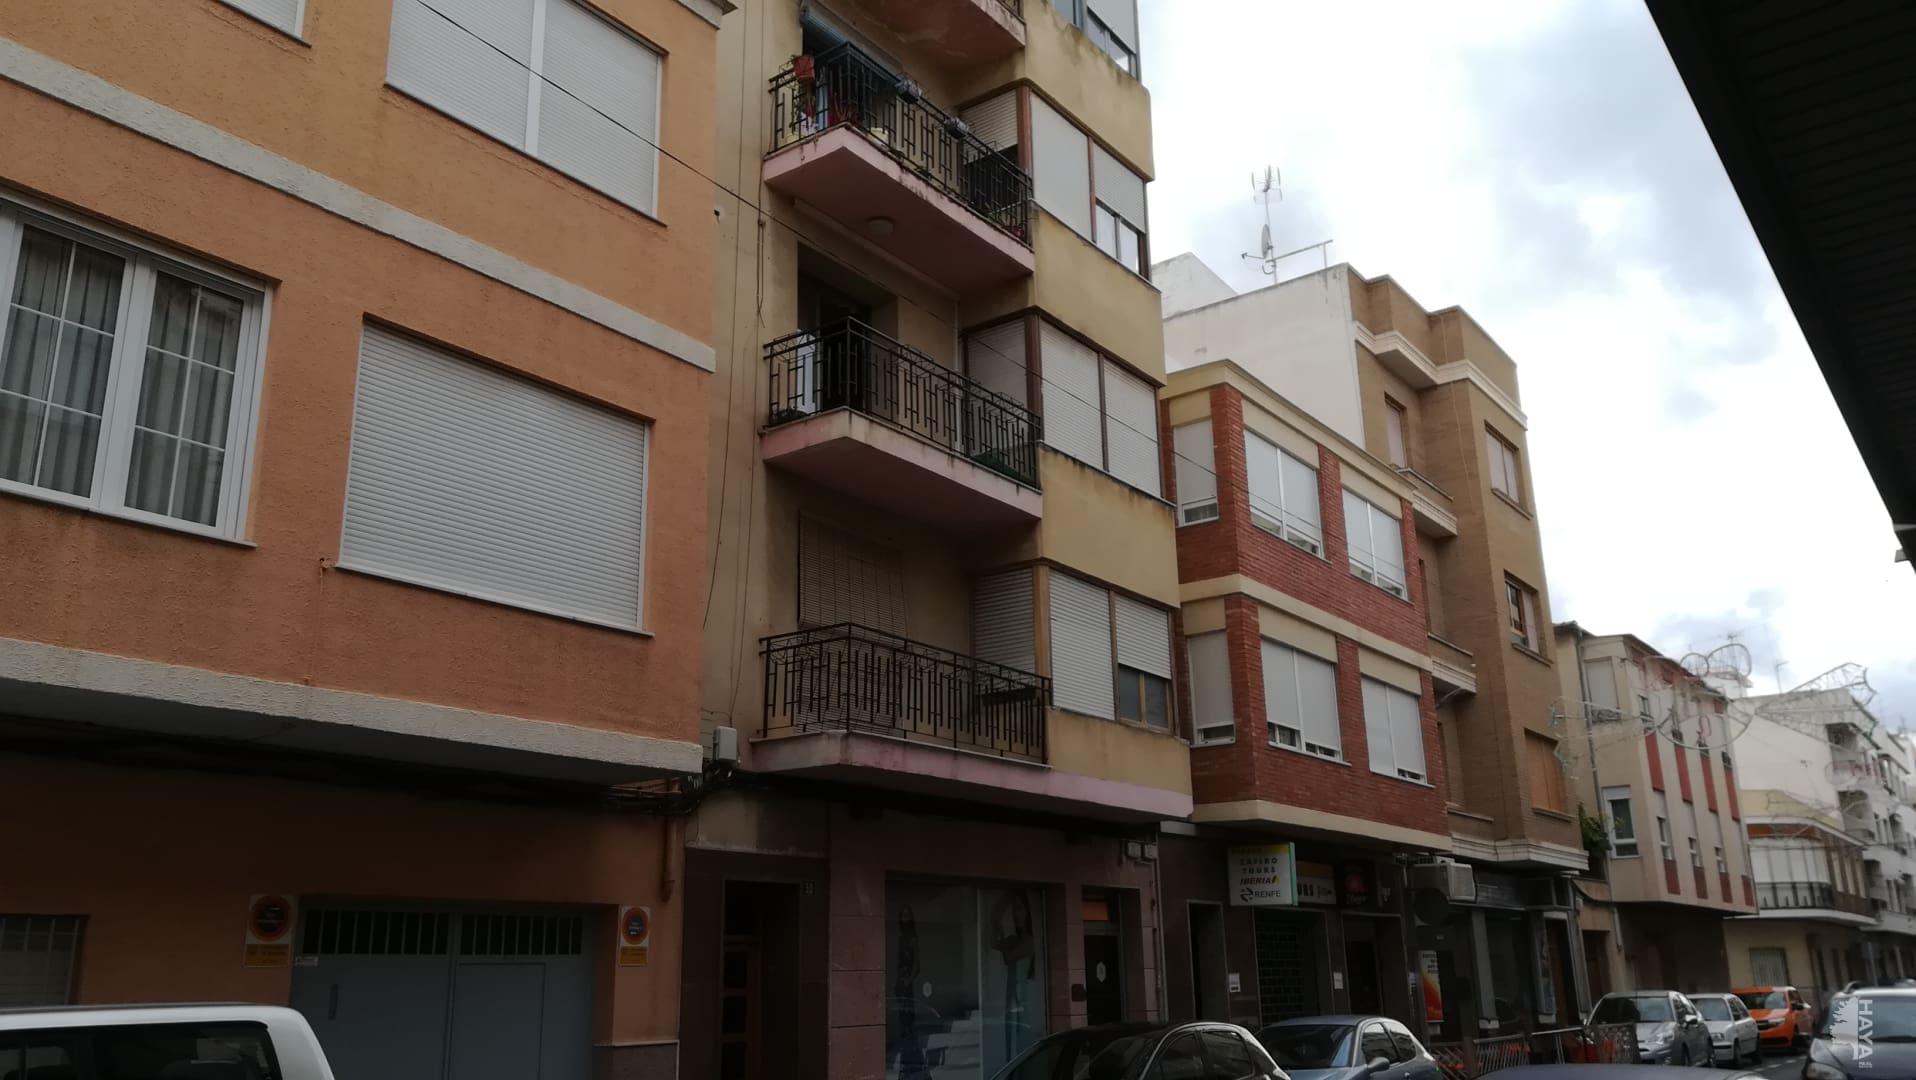 Piso en venta en Novelda, Novelda, Alicante, Calle Maestro Ramis, 43.520 €, 4 habitaciones, 1 baño, 136 m2